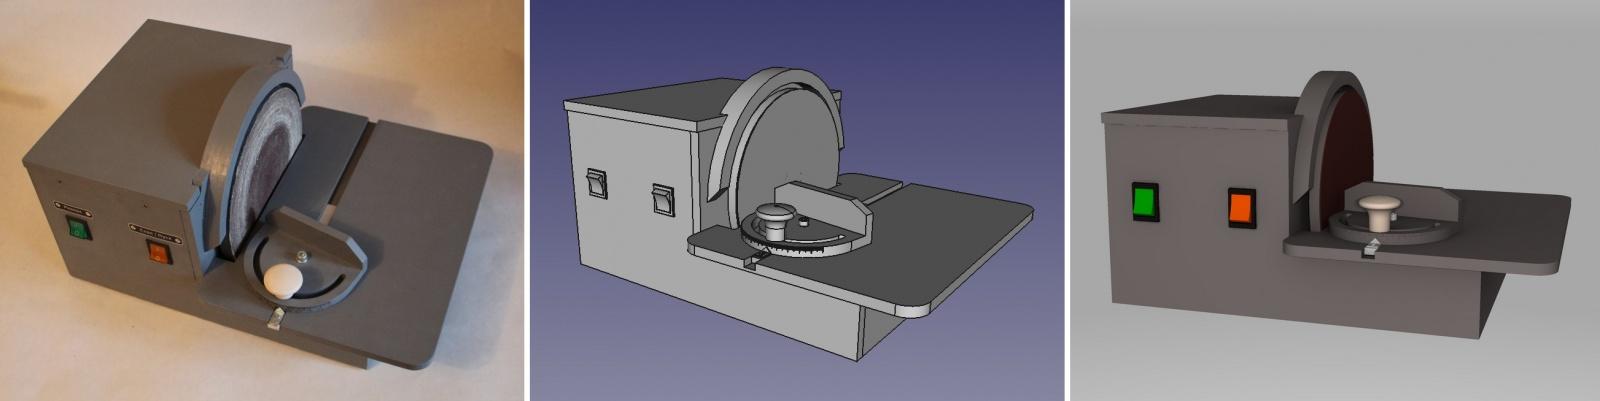 Тарельчатый шлифовальный станок - 1